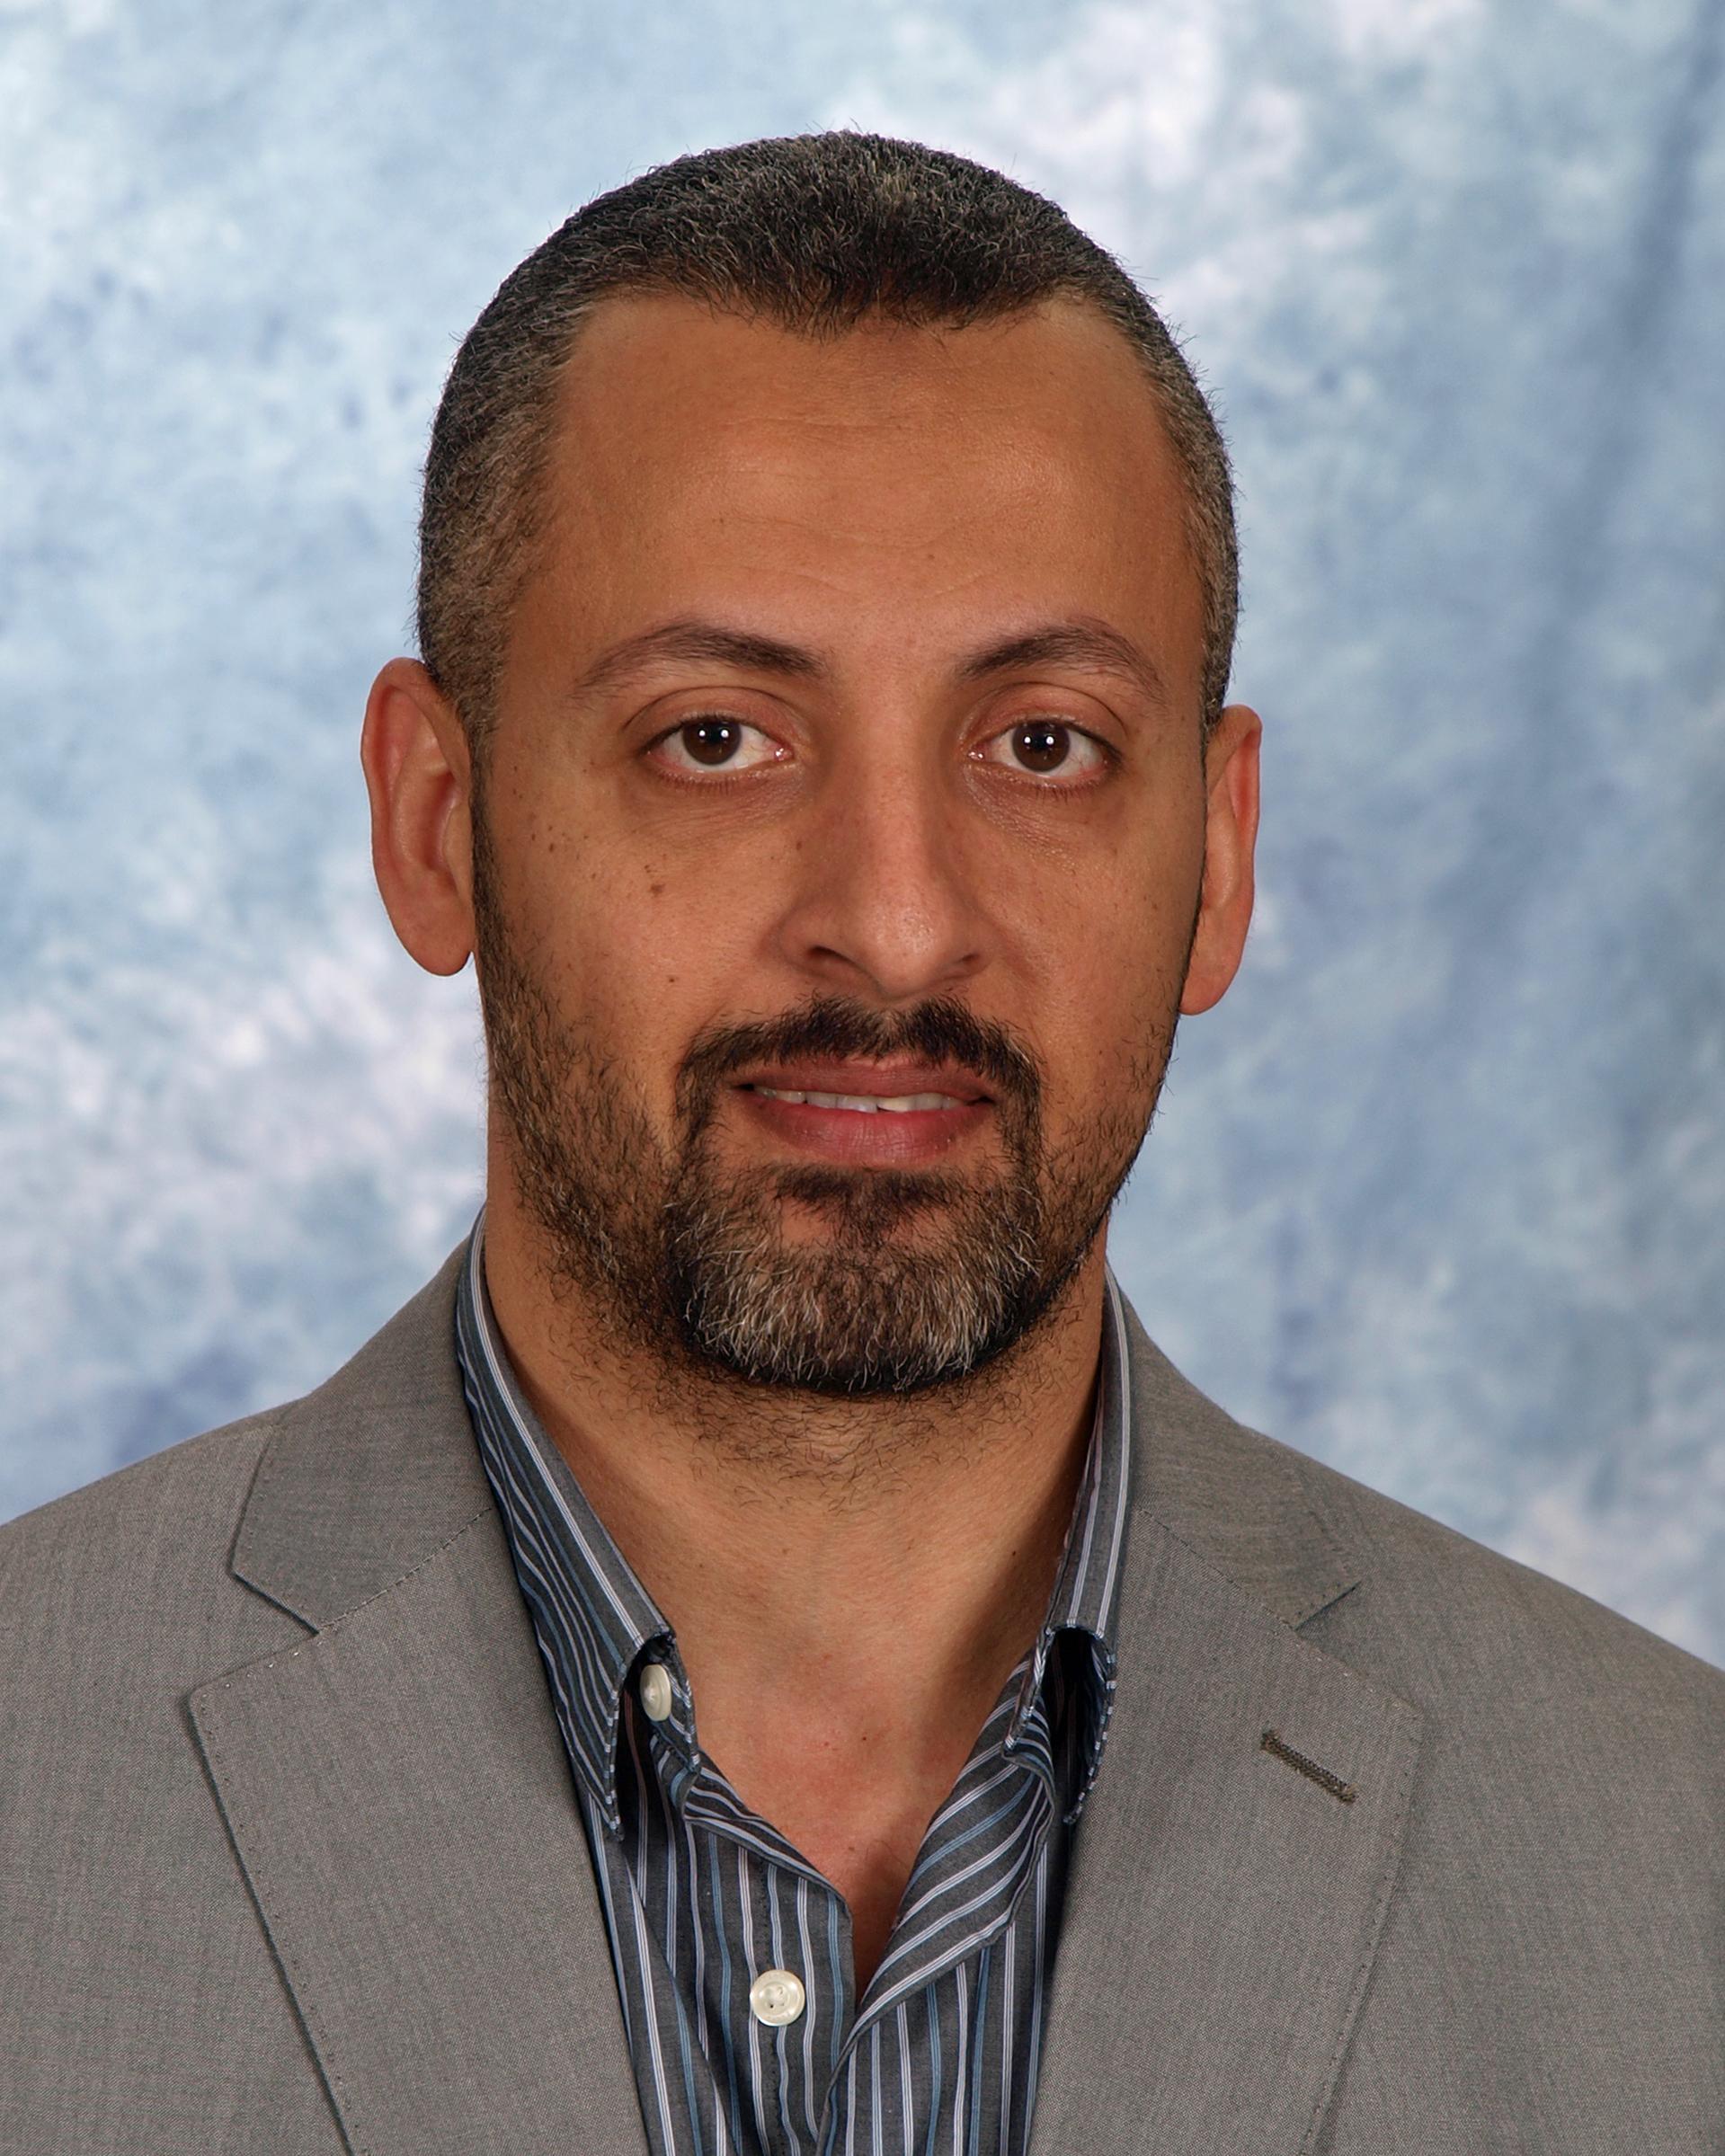 Haitham Mohammed